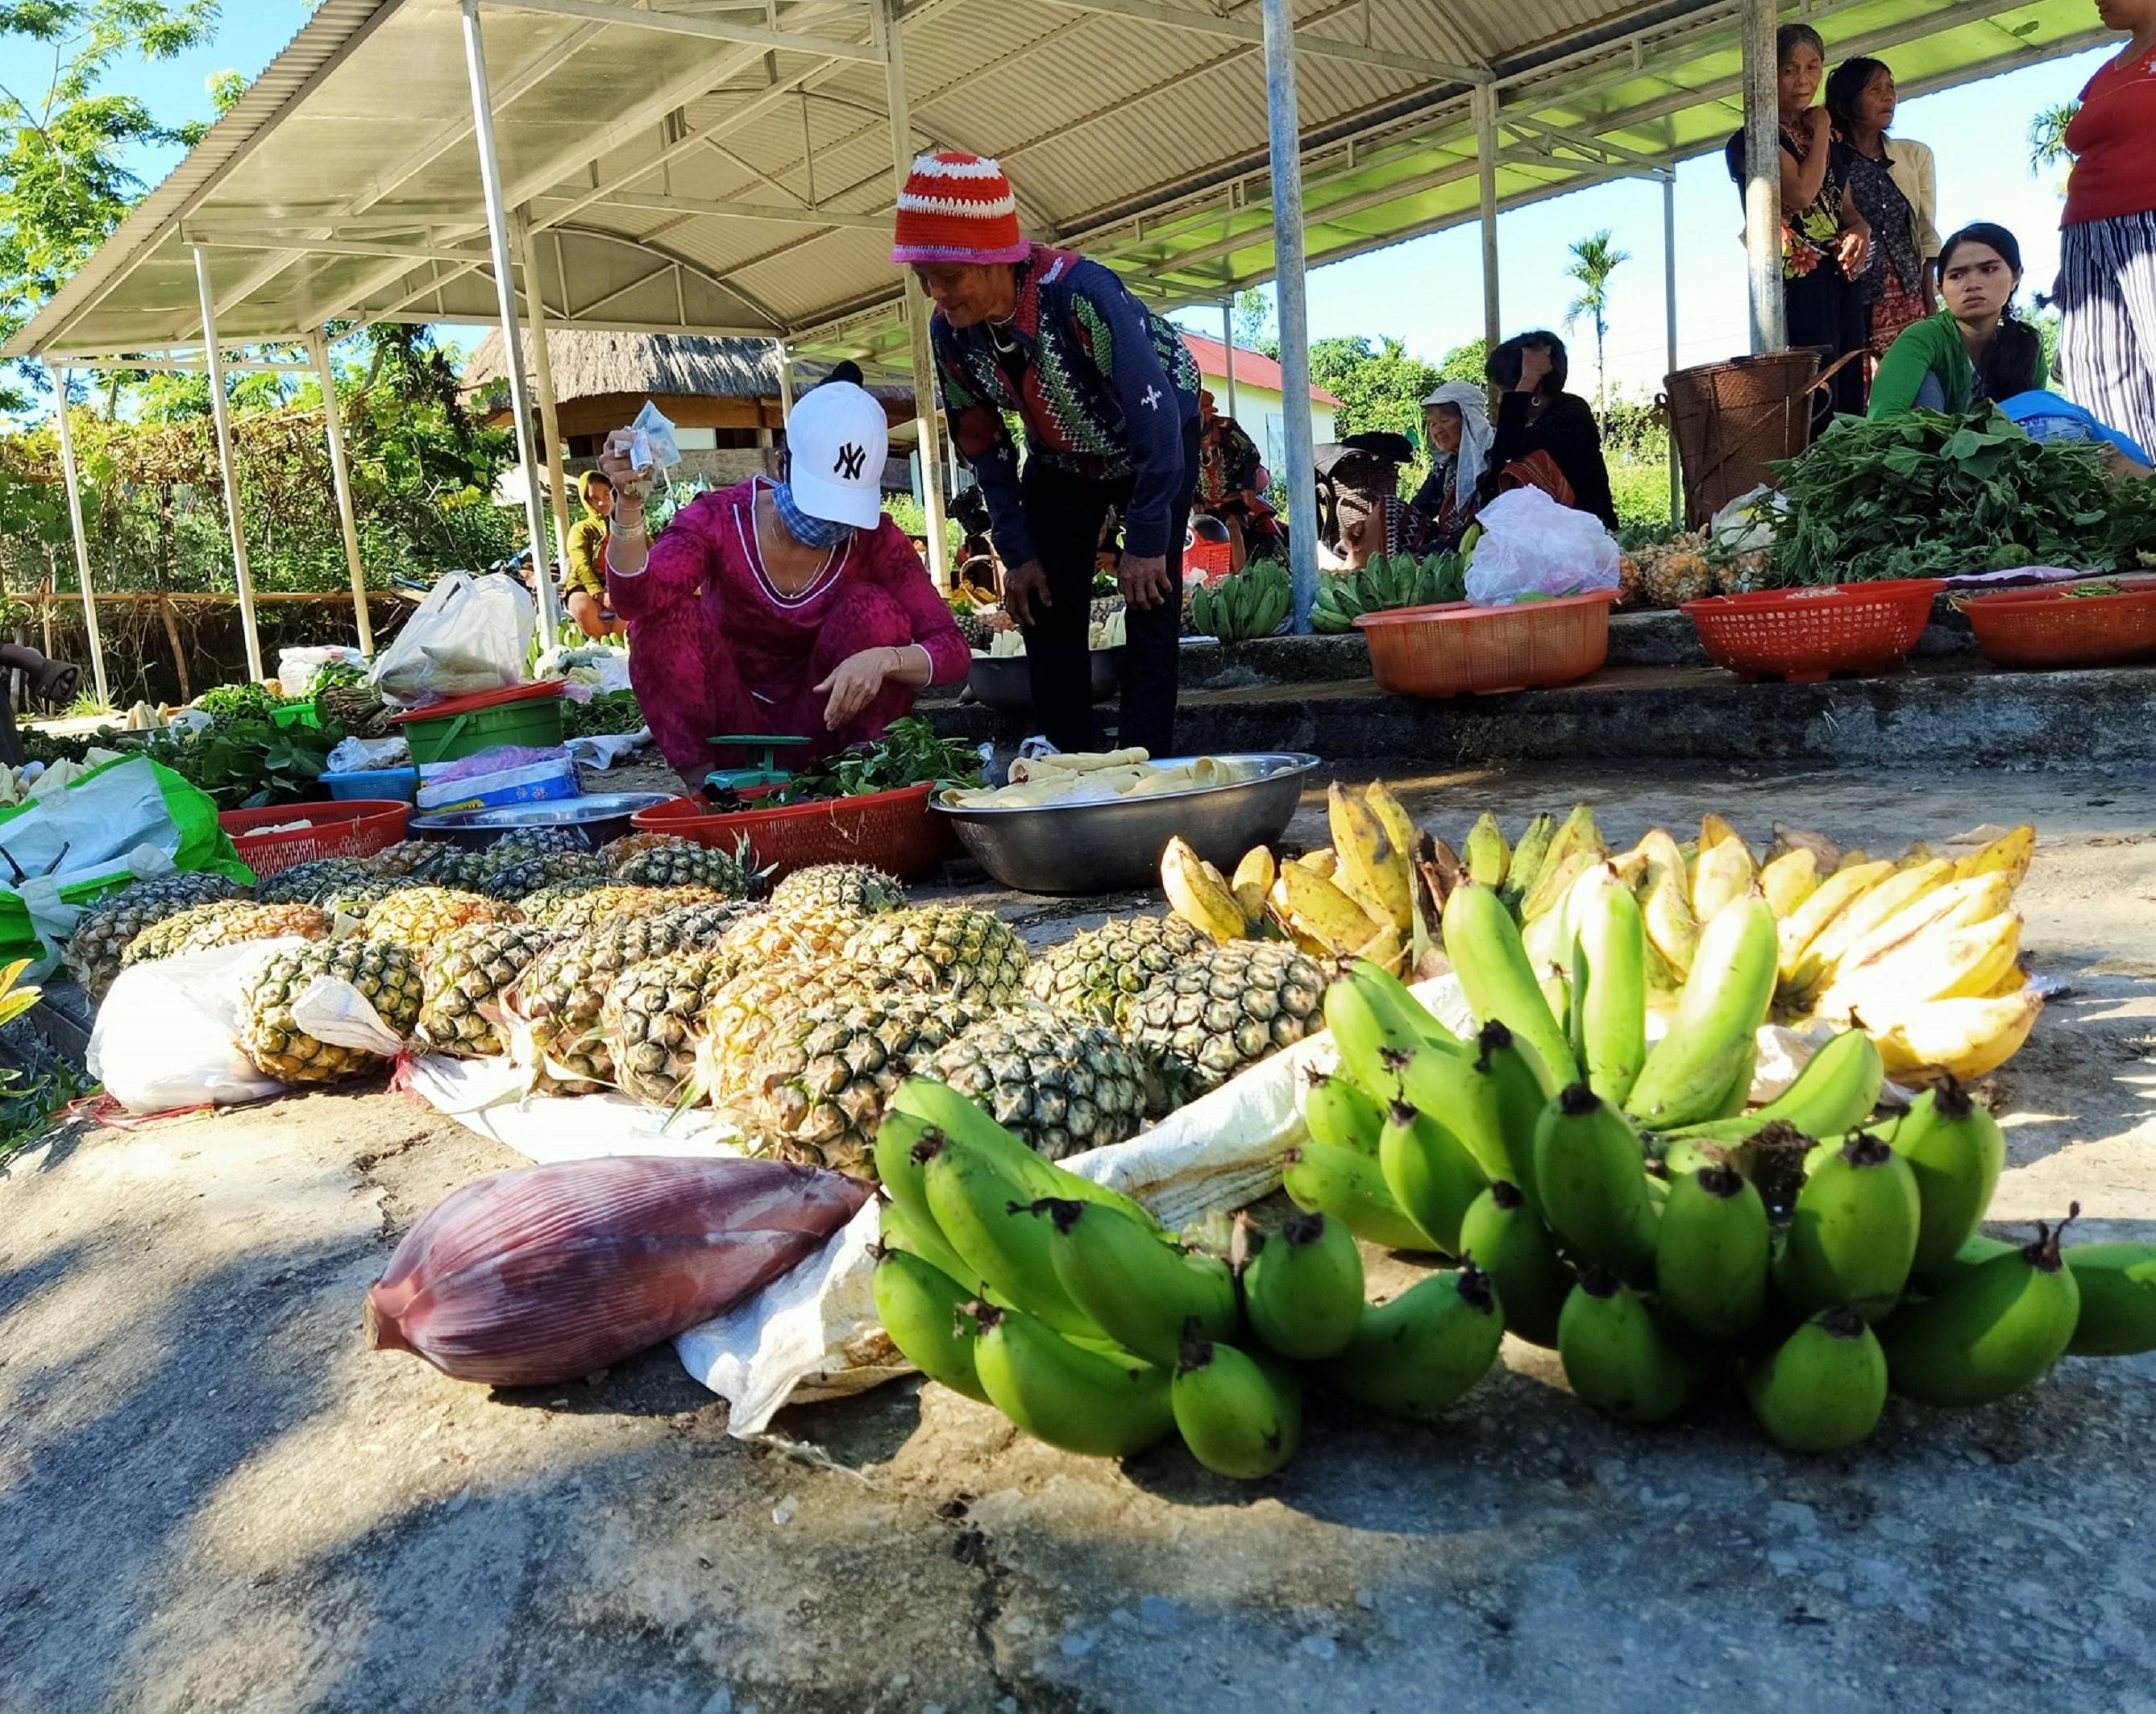 Nông sản bán tại chợ đều có giá 5 ngàn đồng.